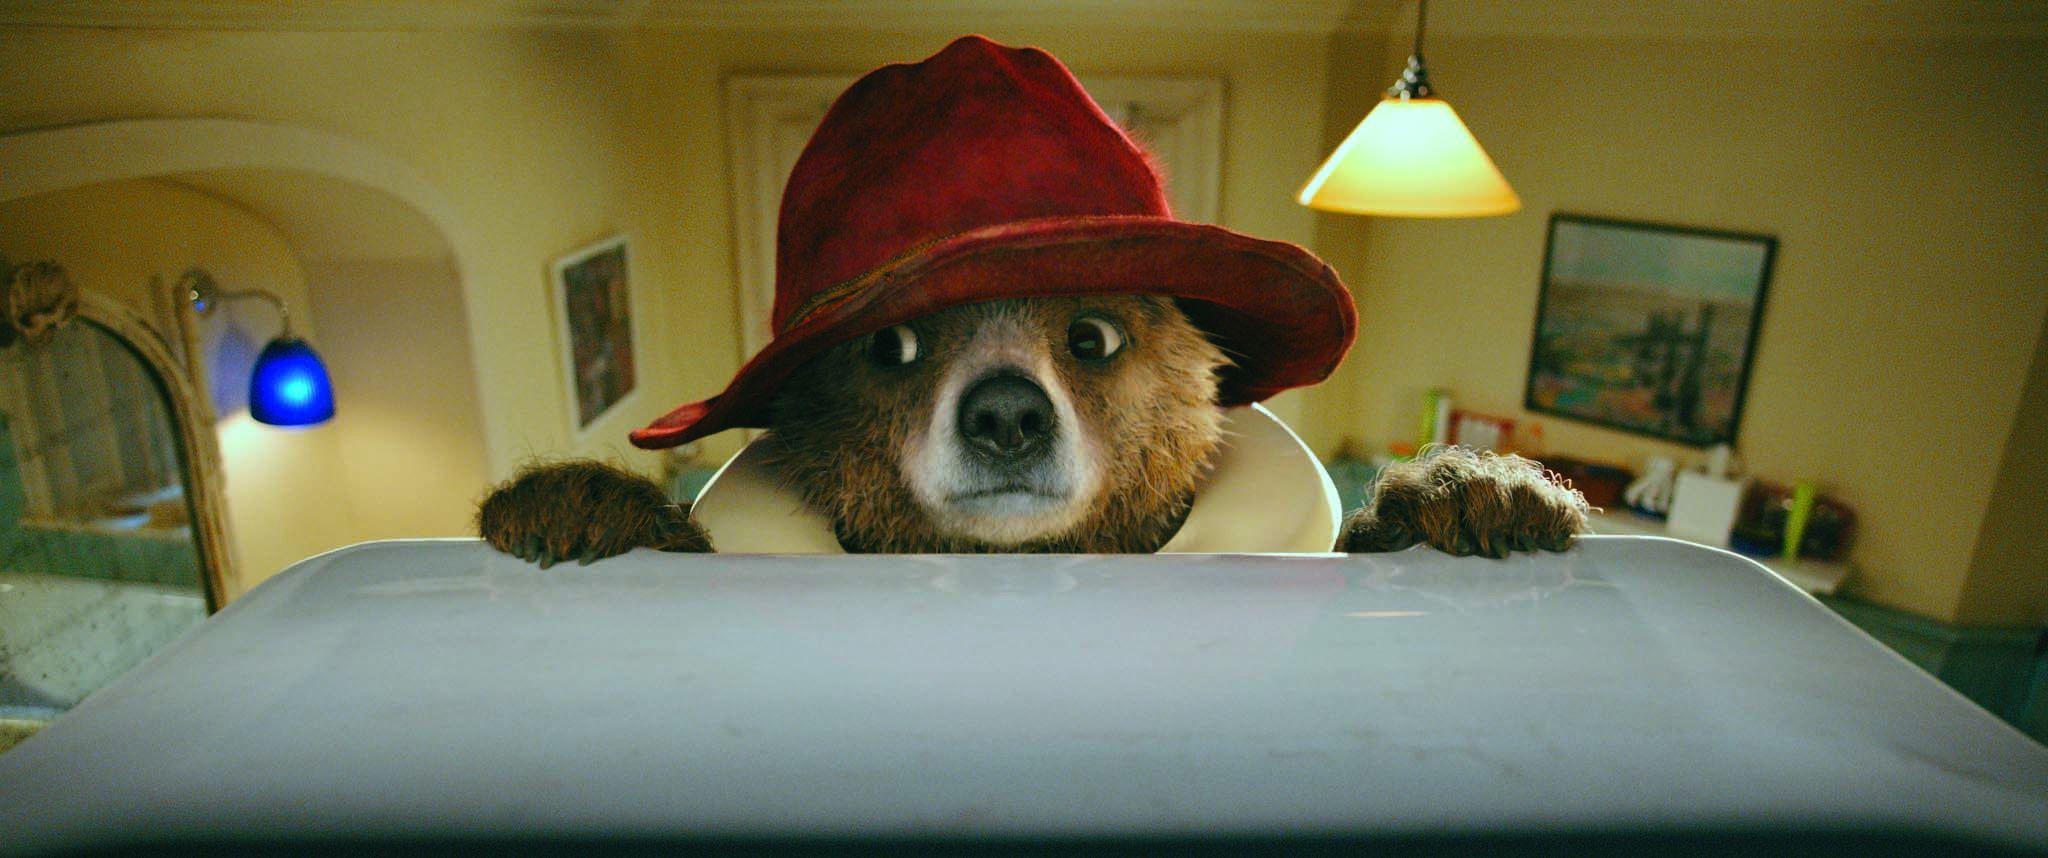 英国萌熊暖冬回归——帕丁顿熊官方电影书重磅上市